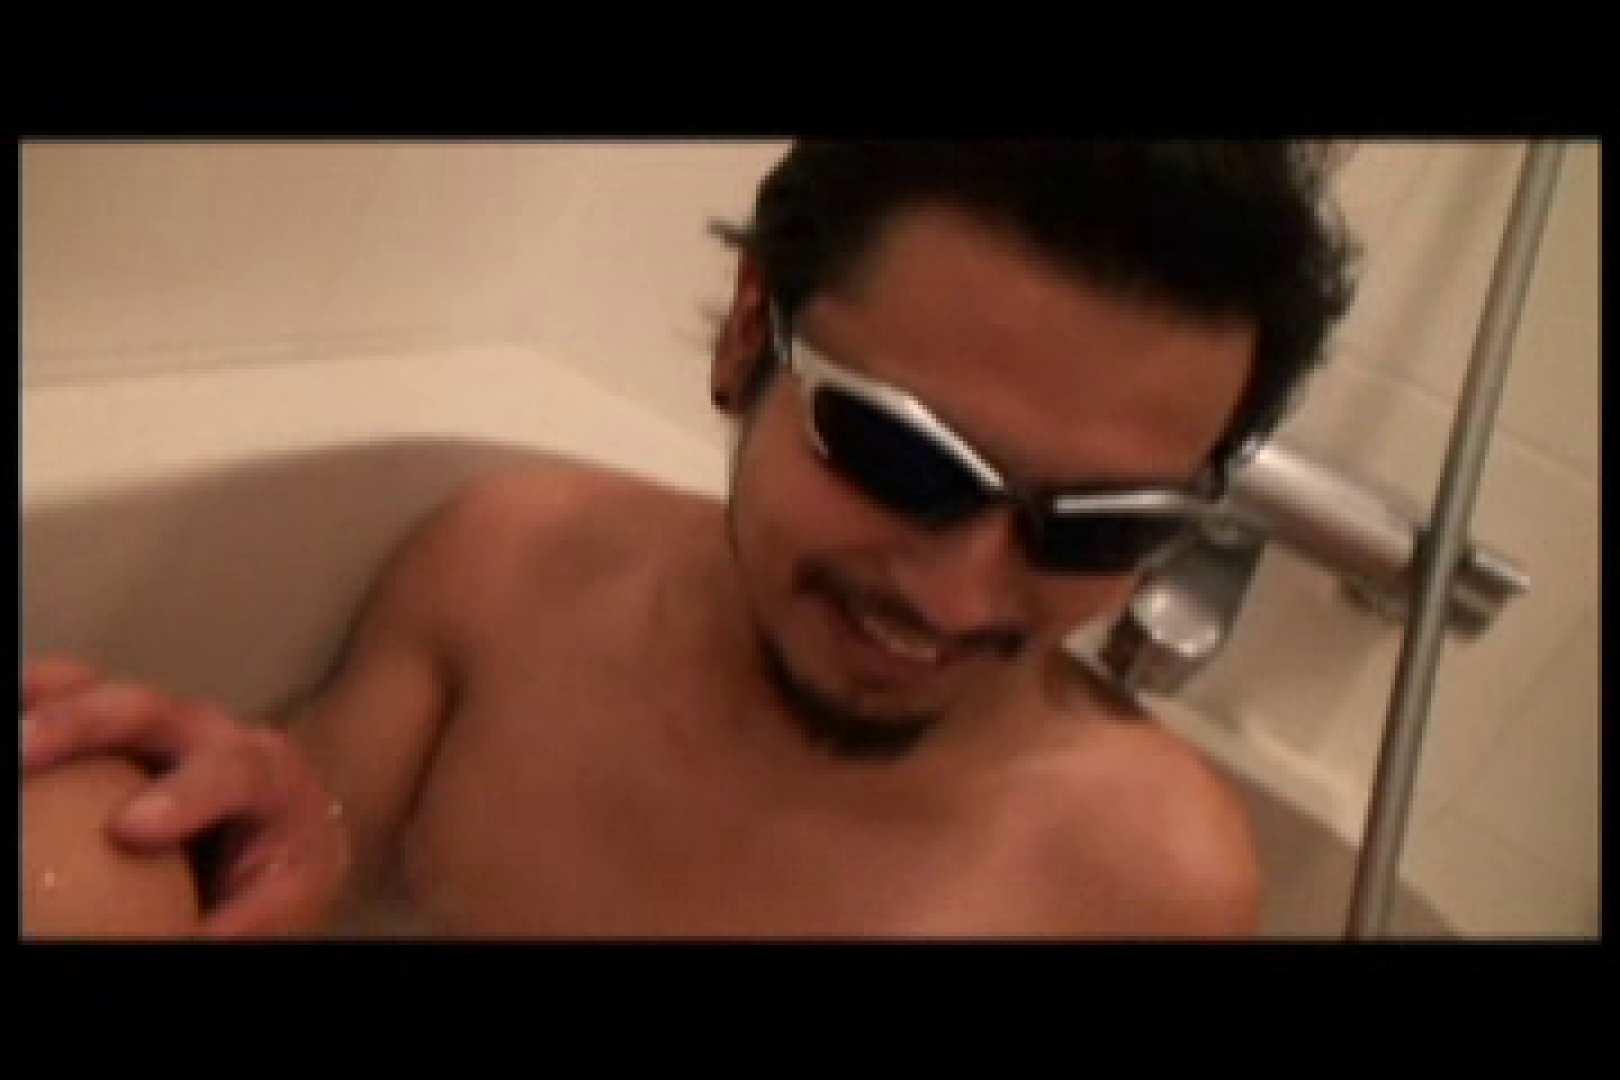 スジ筋ガチムチゴーグルマンvol3 ガチムチ 男同士動画 106pic 43